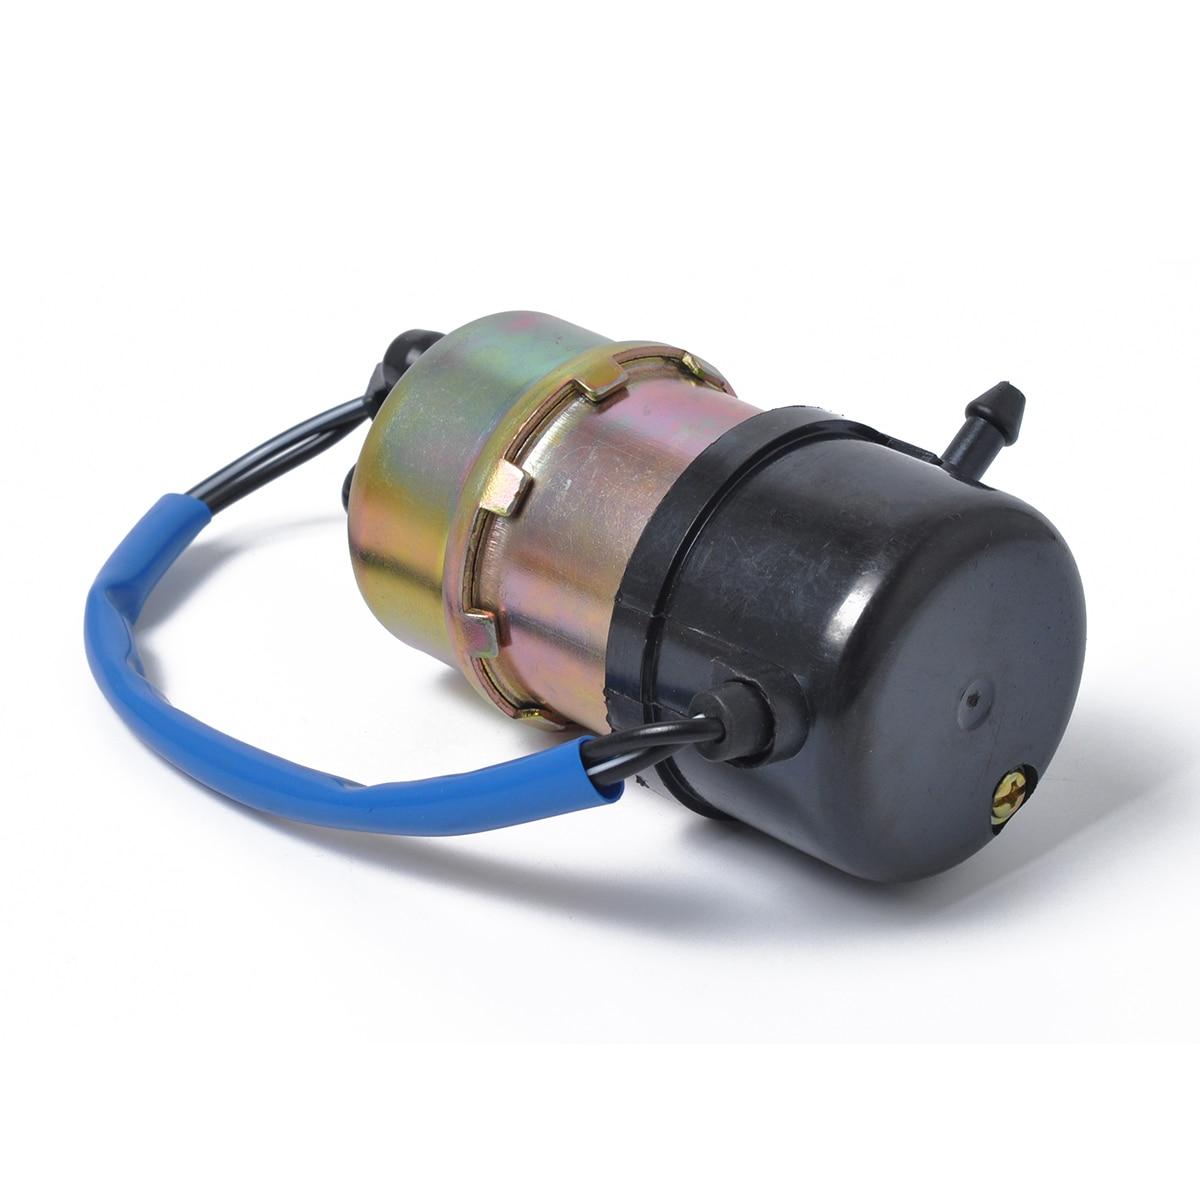 Motorcycle Fuel Pump Low Pressure 49040 1063 49040 1056 for YAMAHA/HONDA/KAWASAKI 08 18 For Car Carburetor Motorcycle